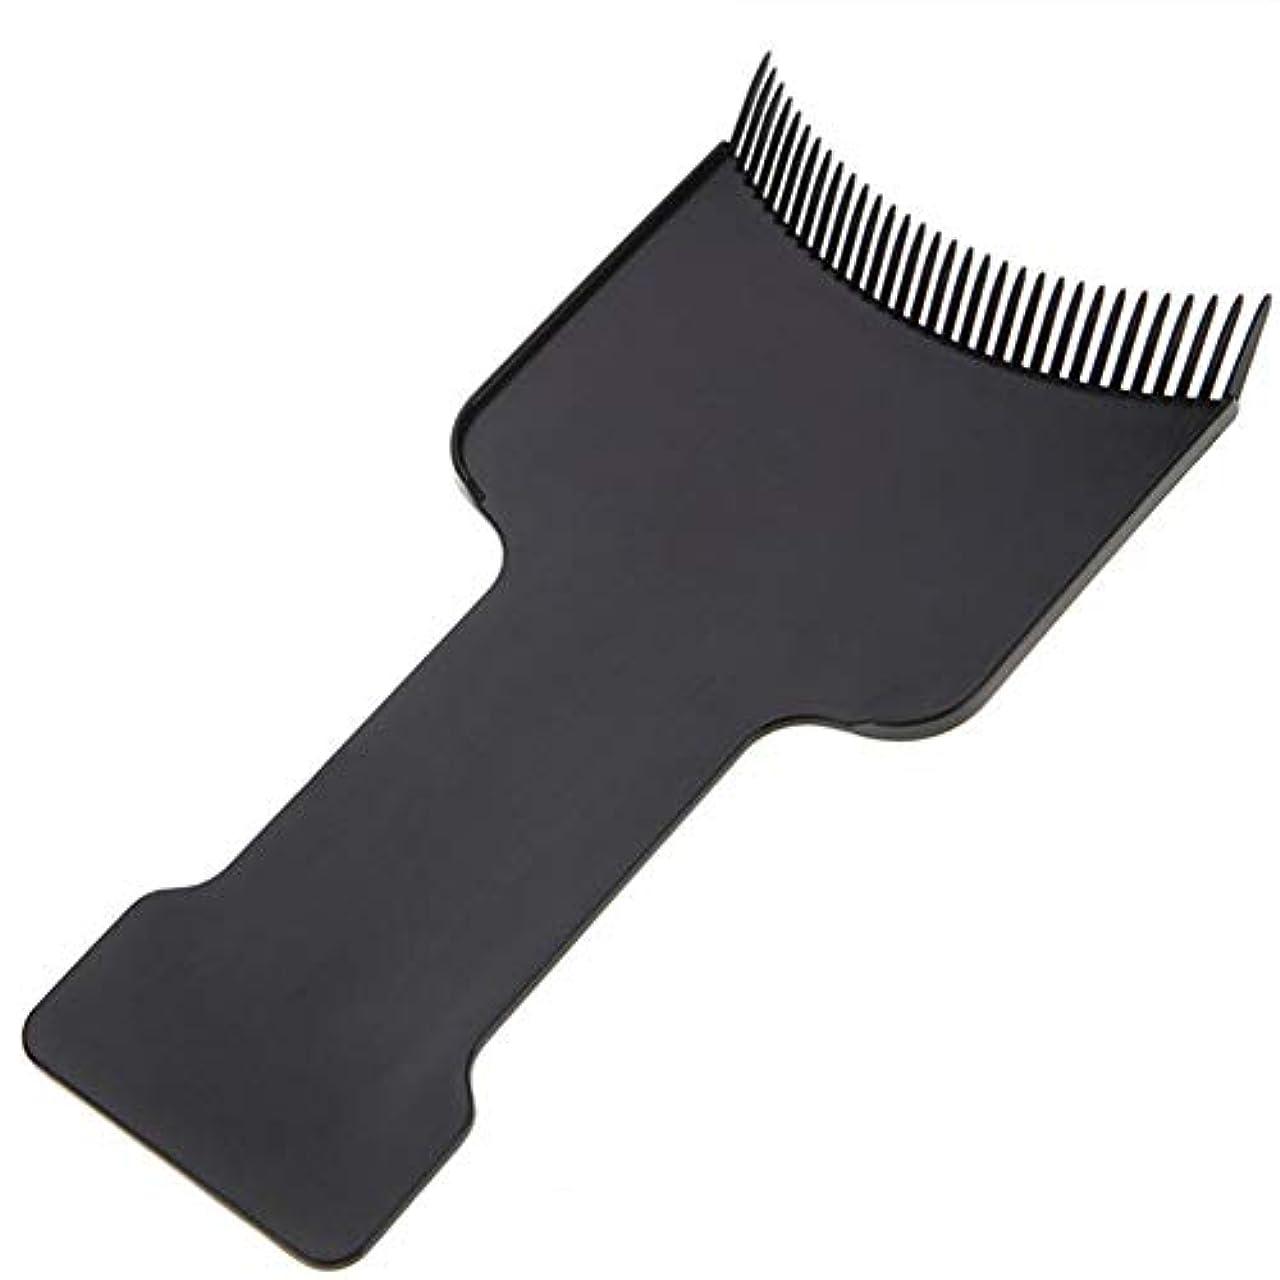 事永遠にギネスSILUN 理髪ヘアカラーボード 理髪サロン髪 着色染色ボードヘアトリートメントケアピックカラーボードコーム理髪ツール プロフェッショナルブラックヘアブラシボード理髪美容ツール